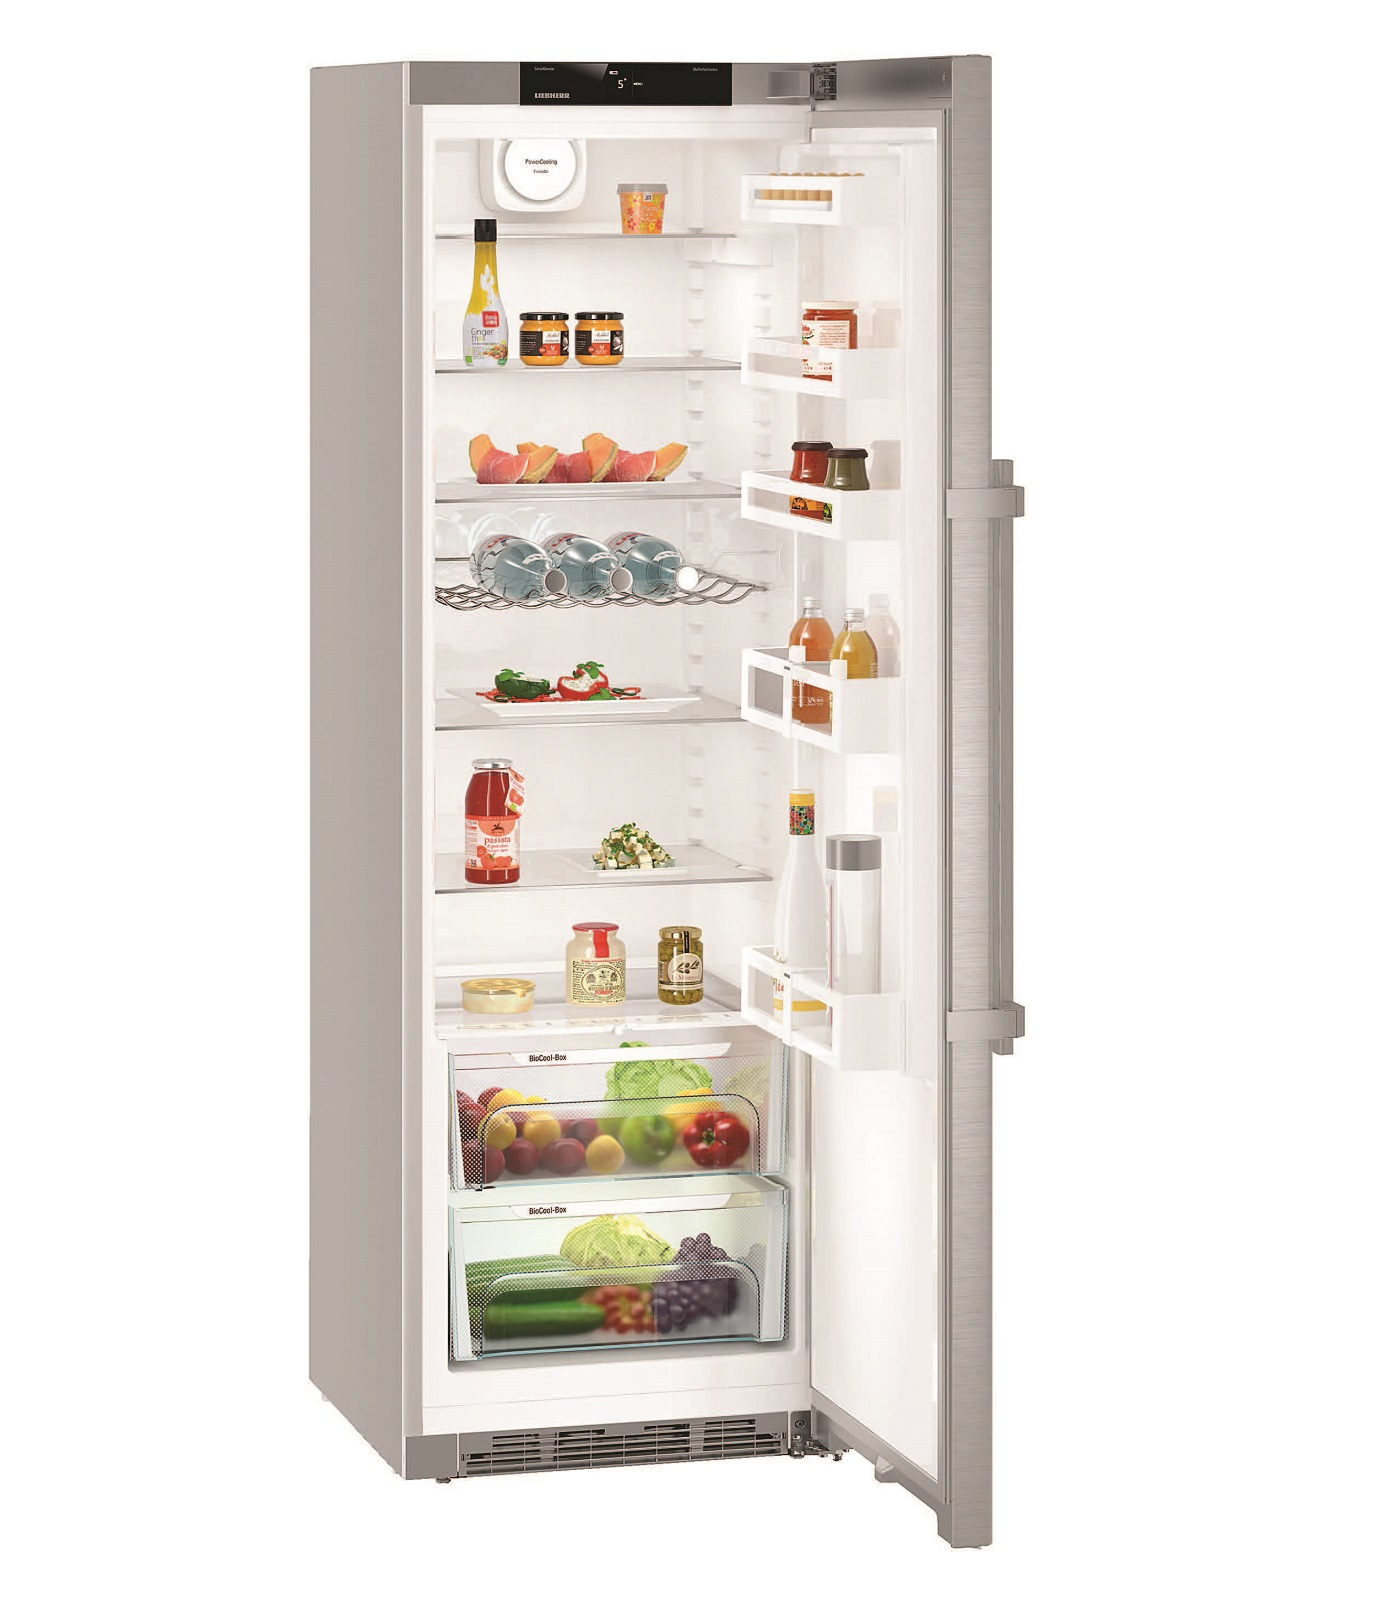 Однокамерный холодильник Liebherr Kef 4330 купить украина